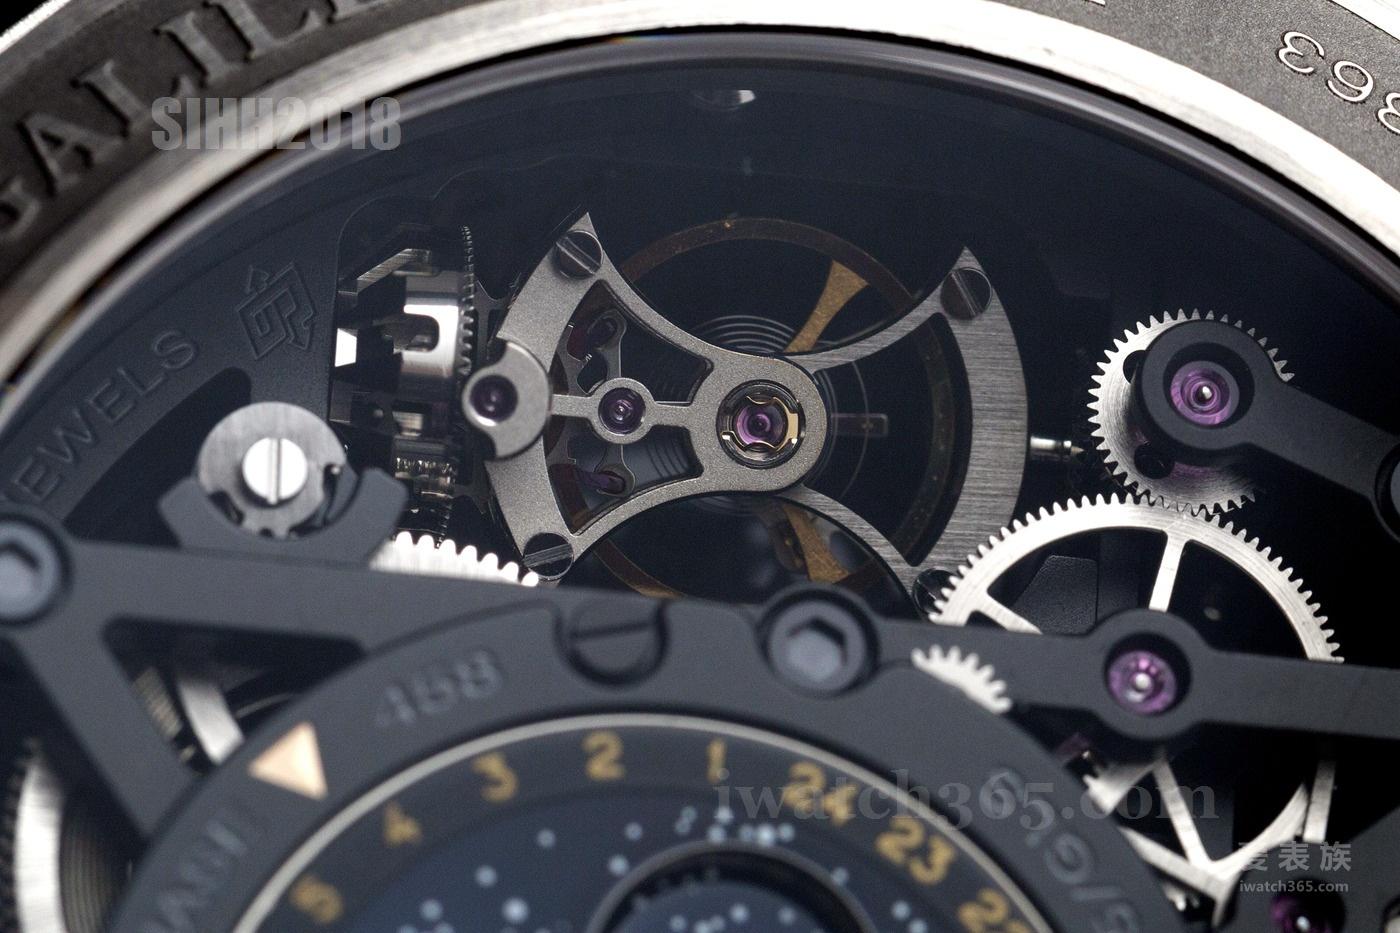 表背可见清晰的陀飞轮装置